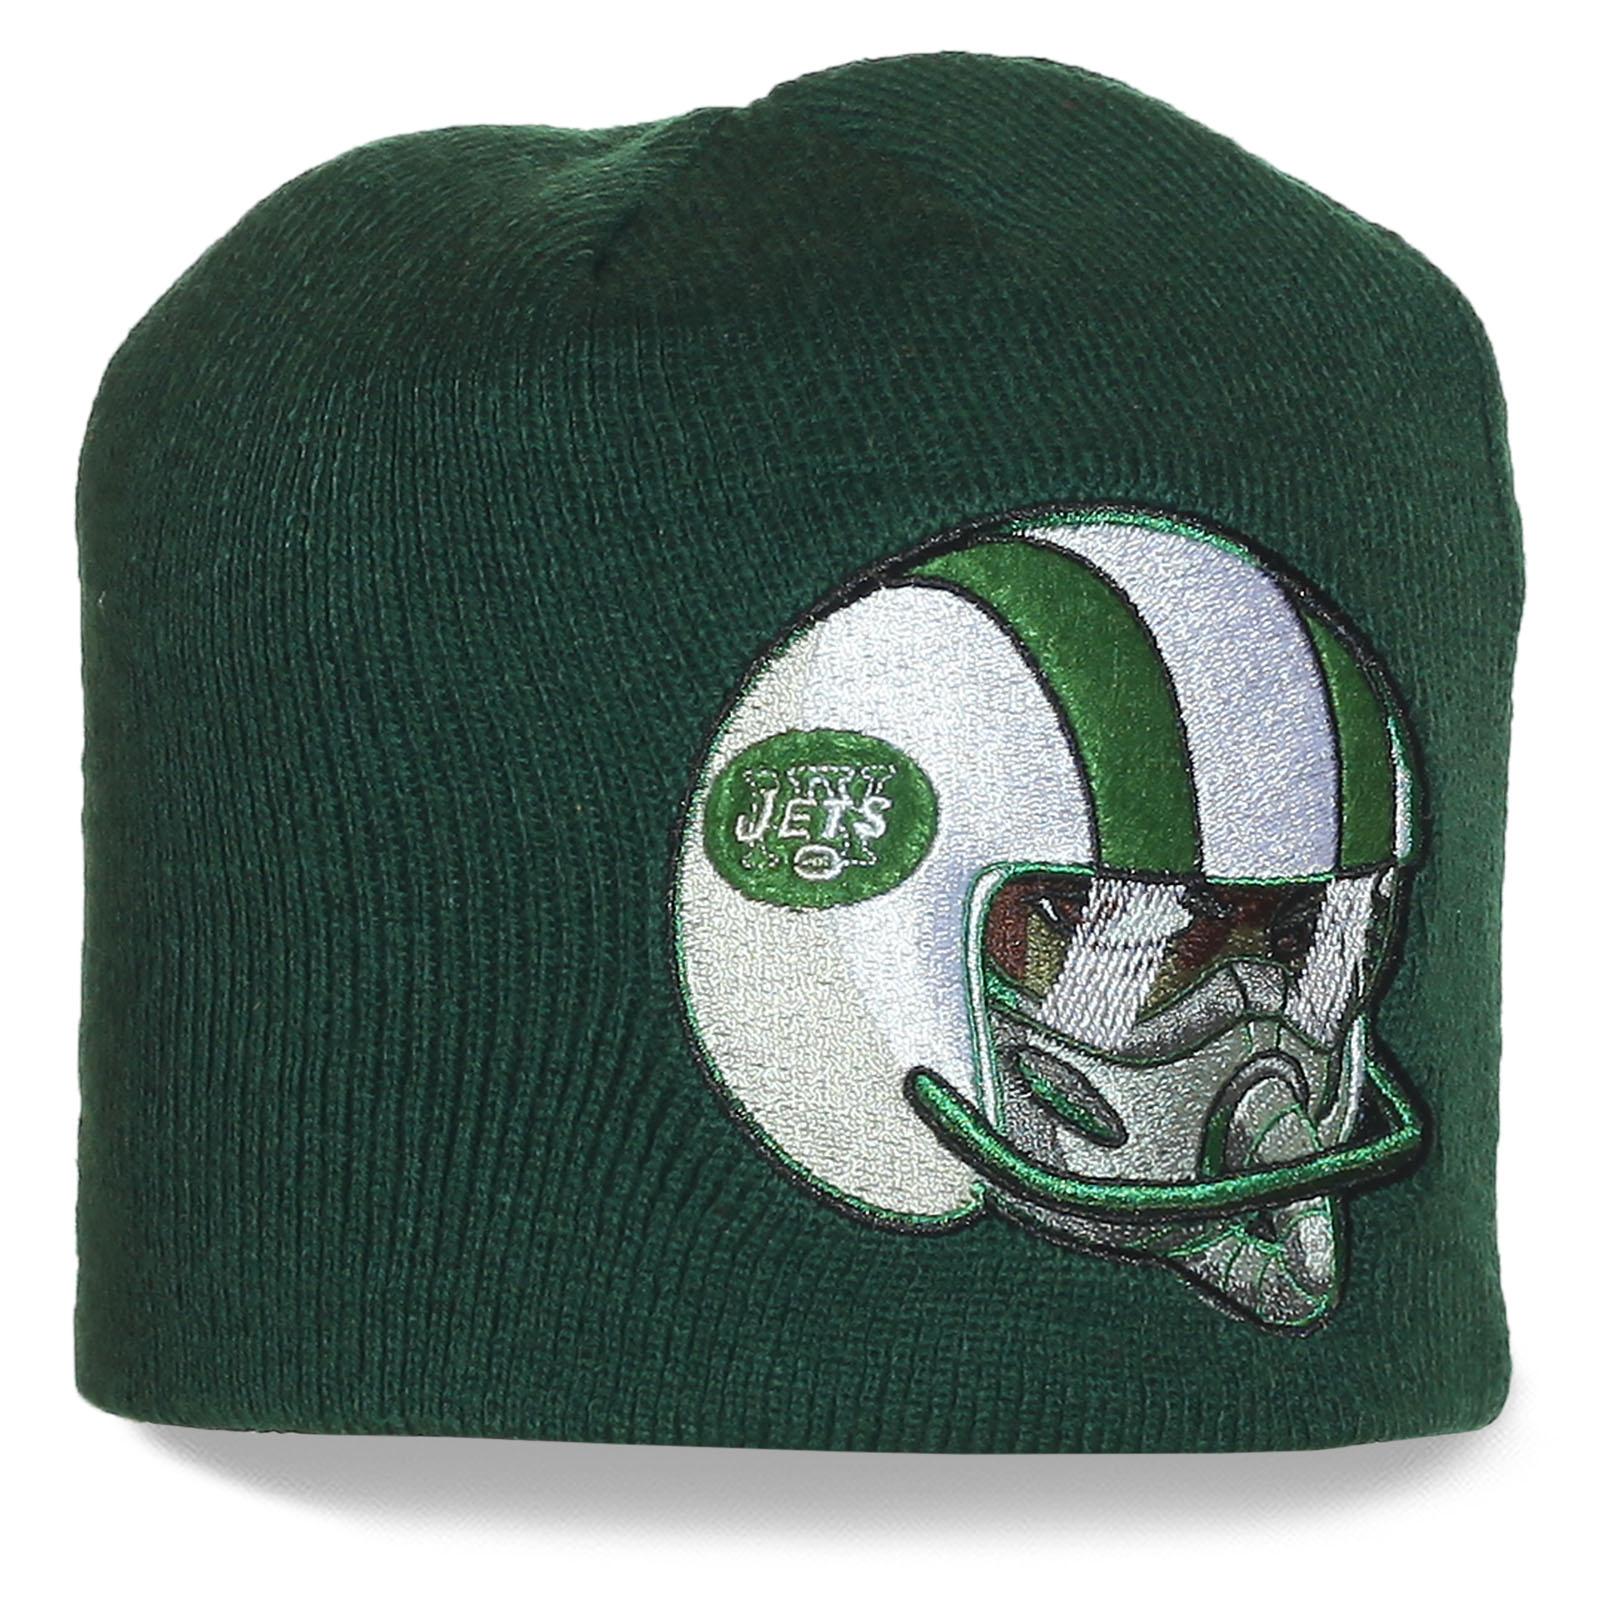 Шапка с логотипом New York Jets - профессионального клуба по американскому футболу